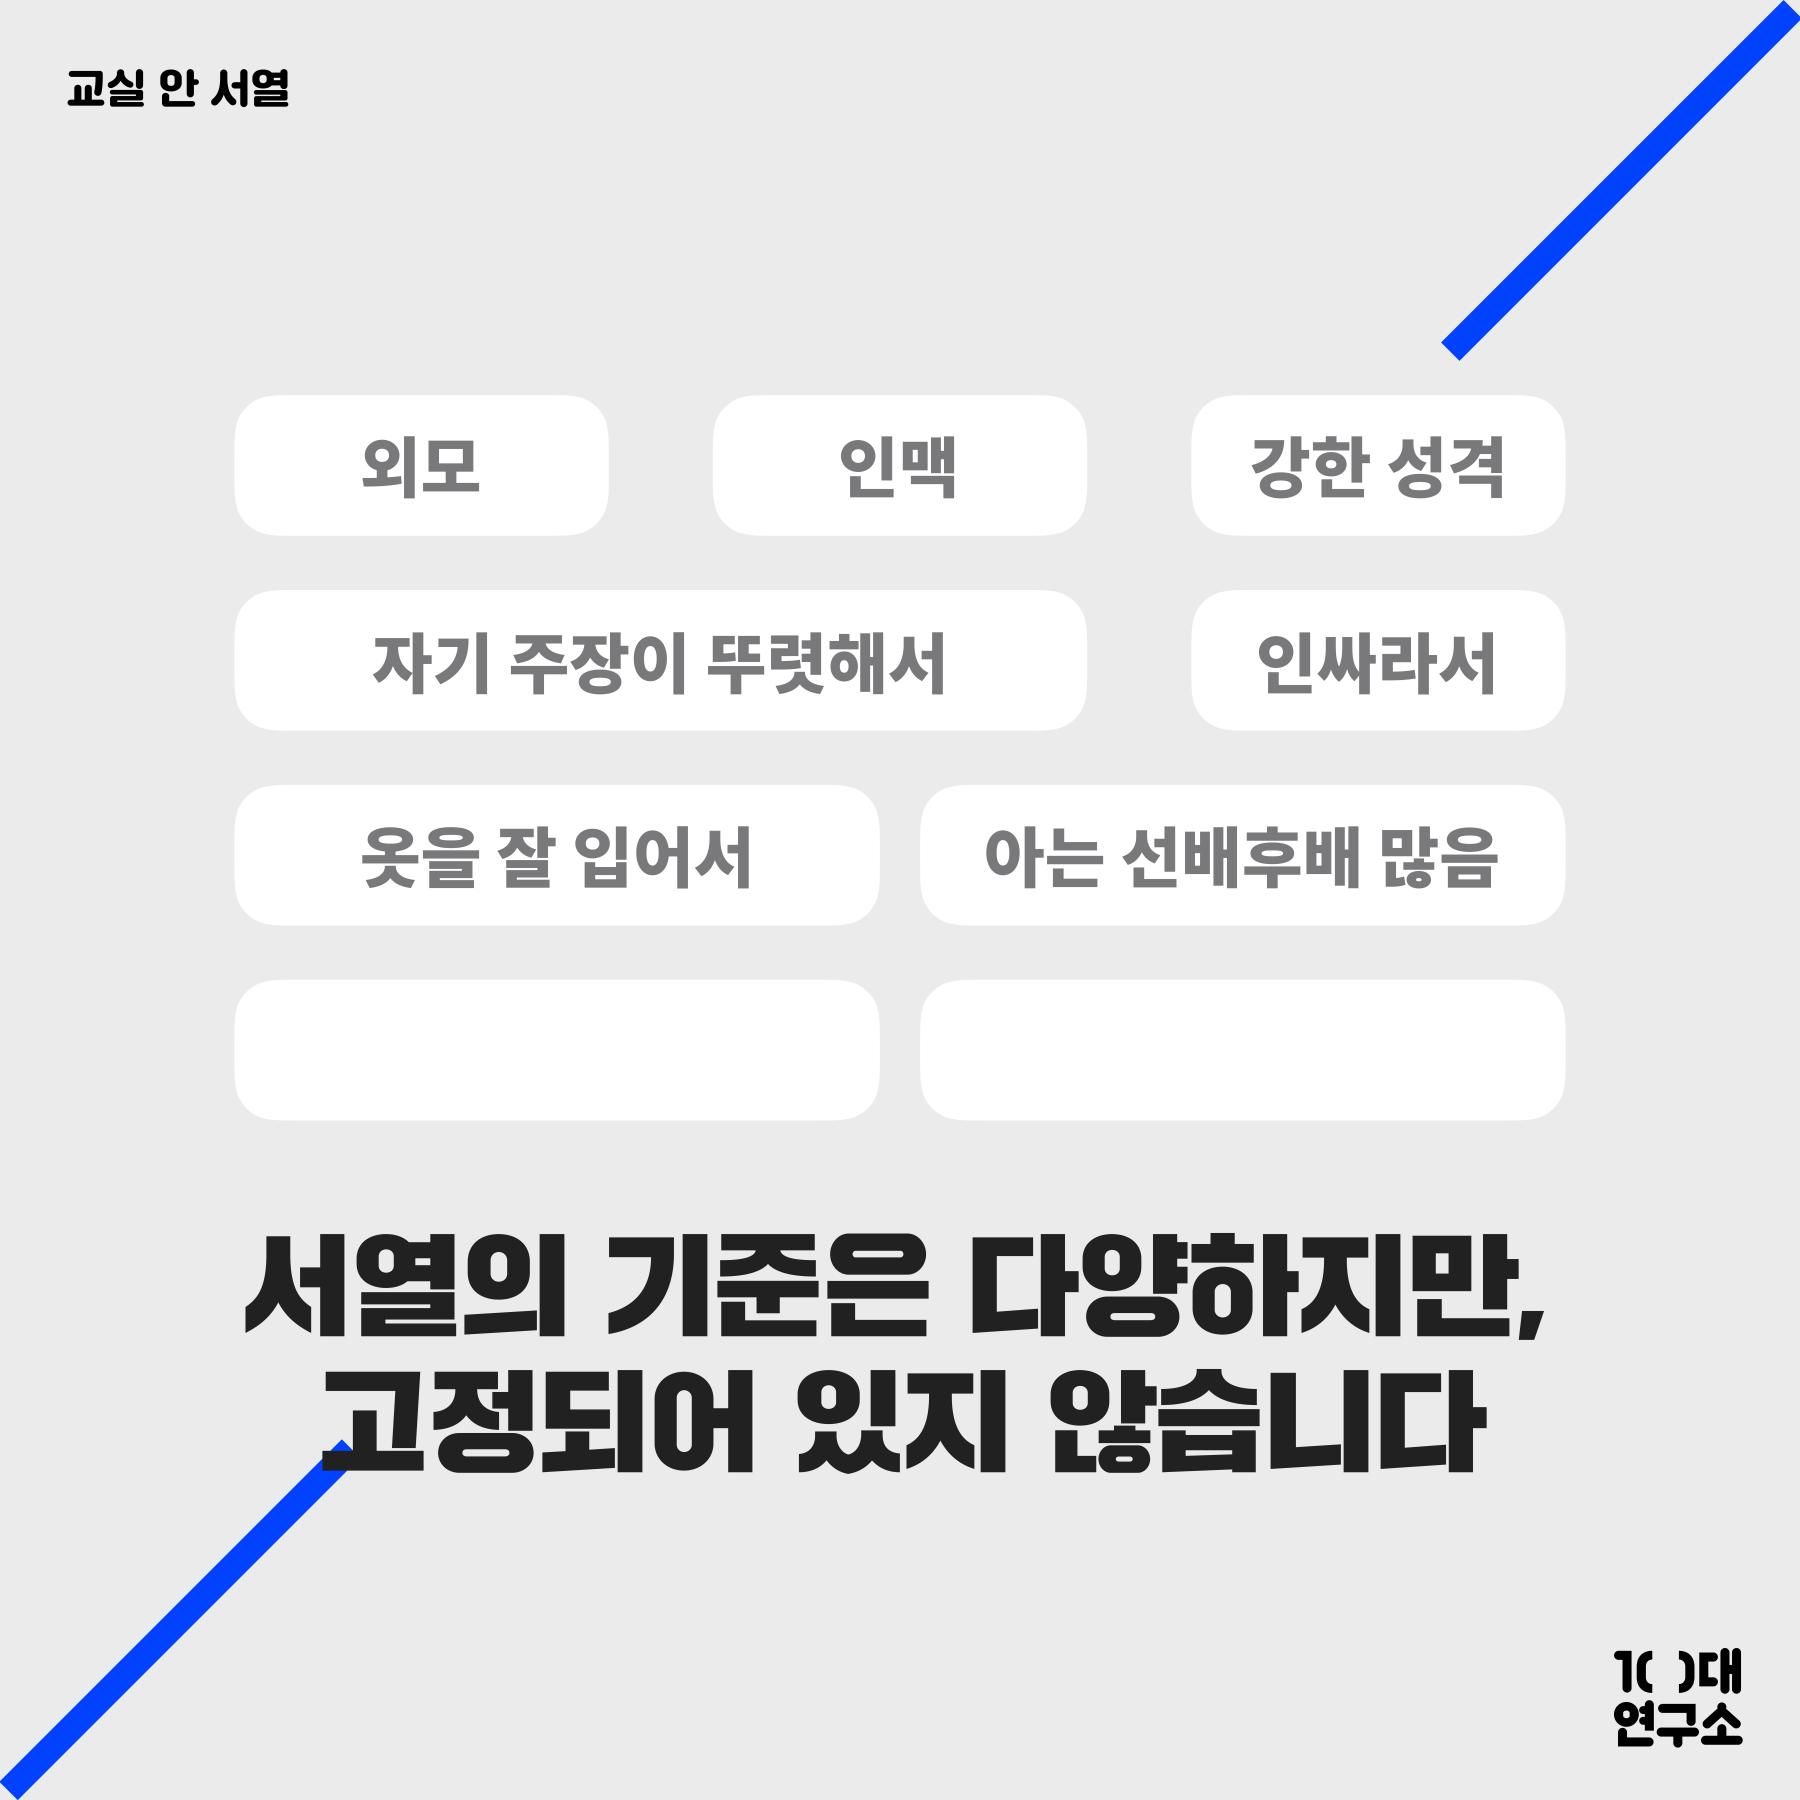 교실 안 서열_9.png